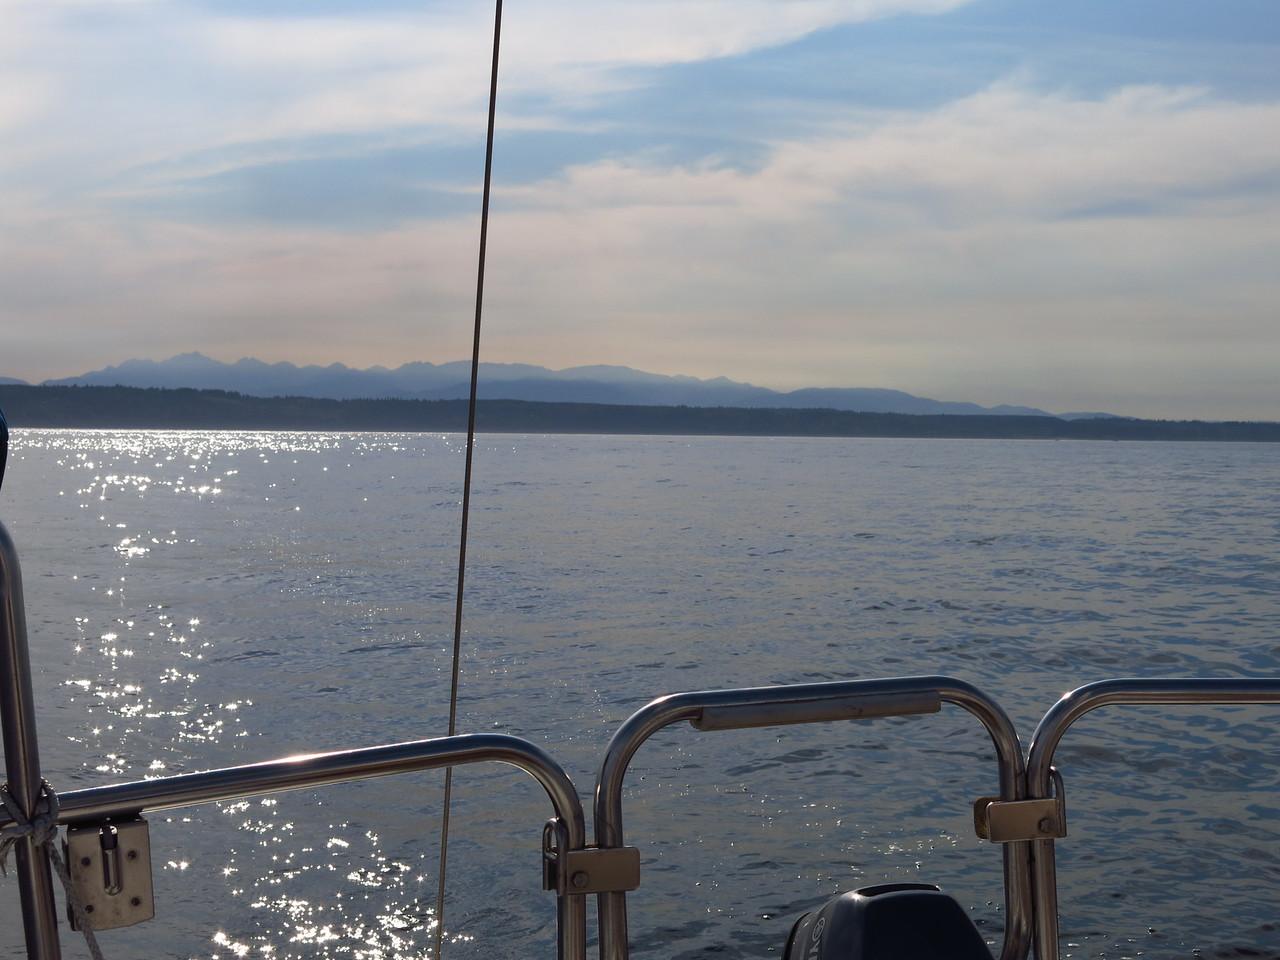 2015-08-02 Sail (26)